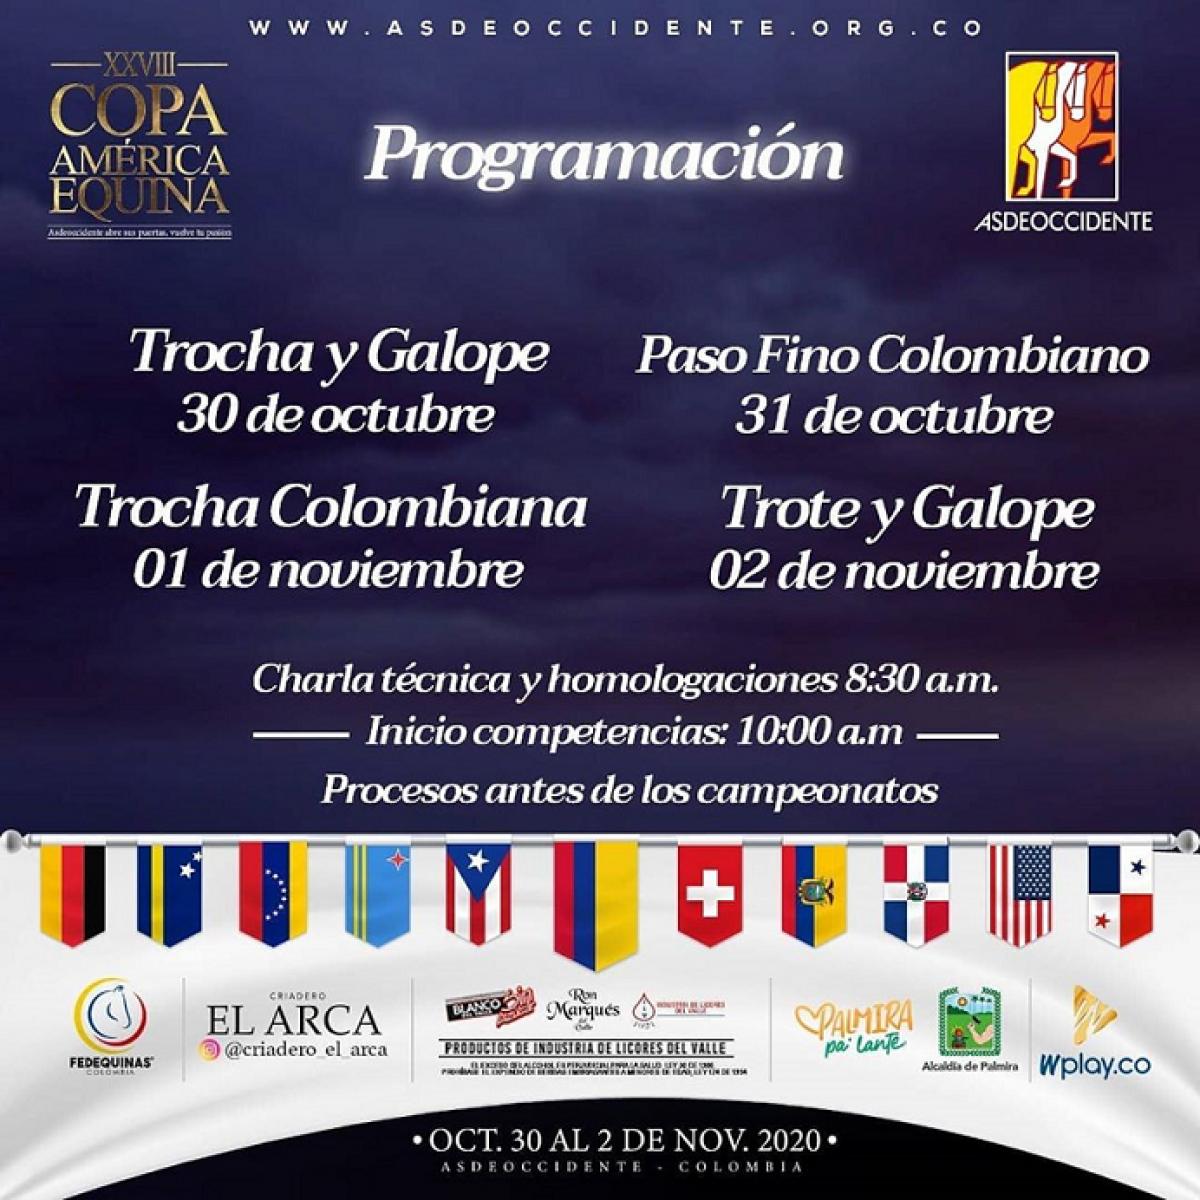 Programación Copa América 2020